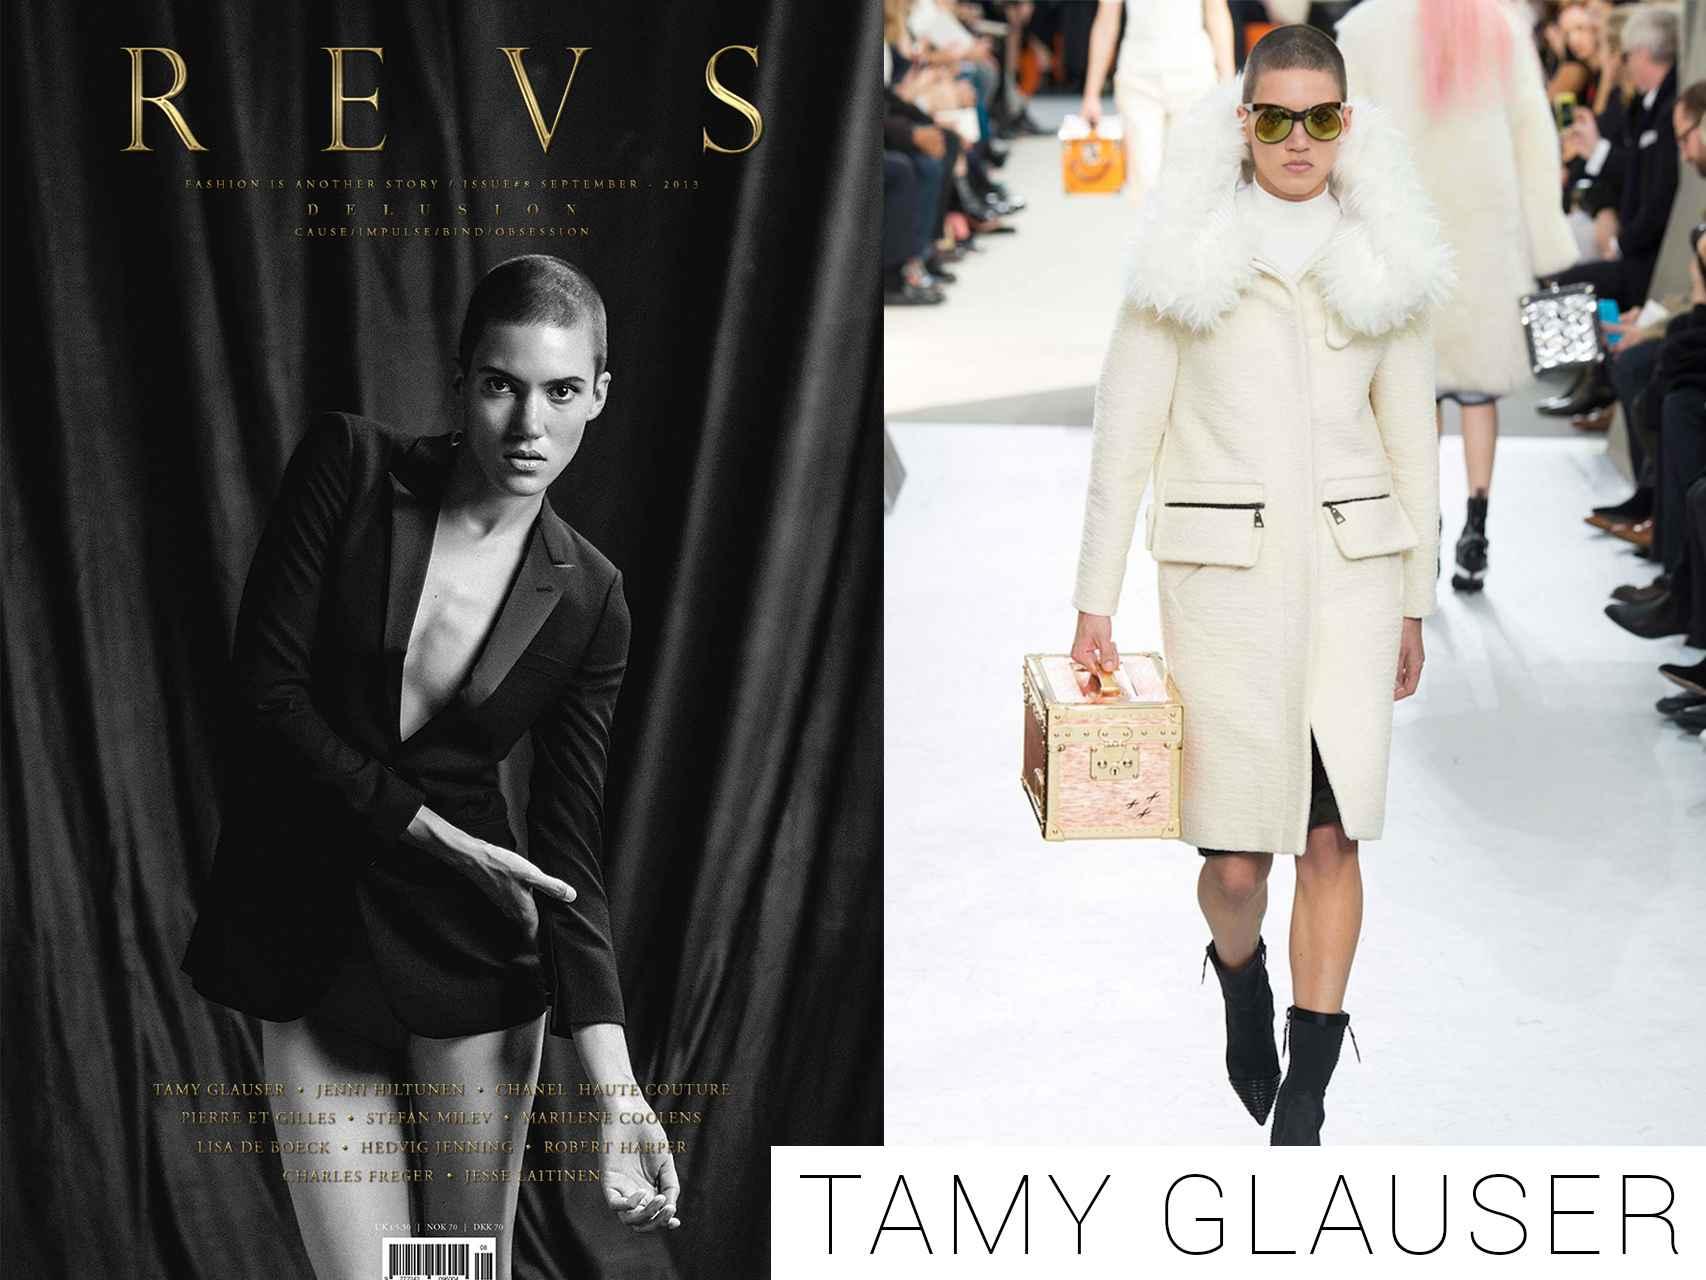 Tamy Glauser en la portada de Revs y desfilando para Louis Vuitton